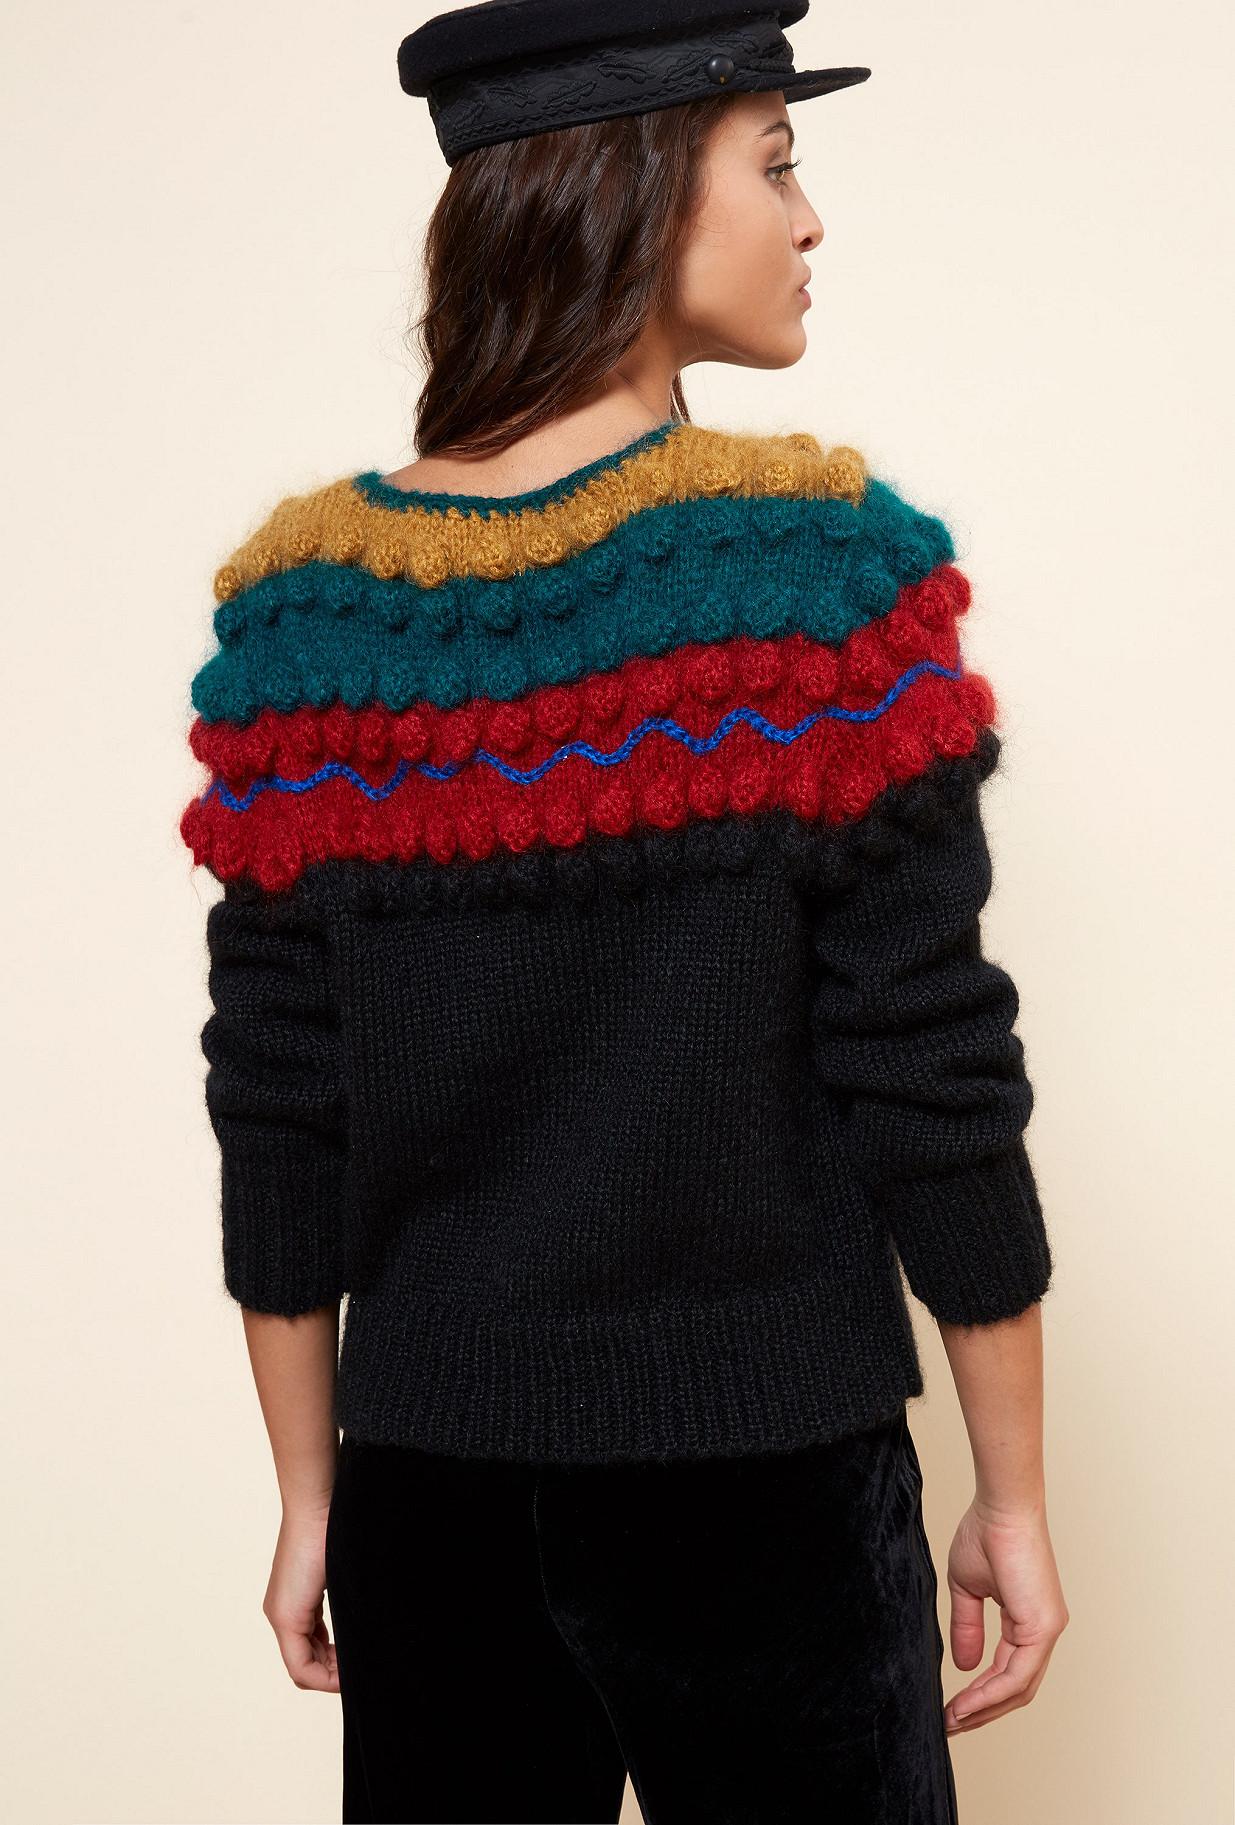 Paris boutique de mode vêtement Maille créateur bohème  Manolo